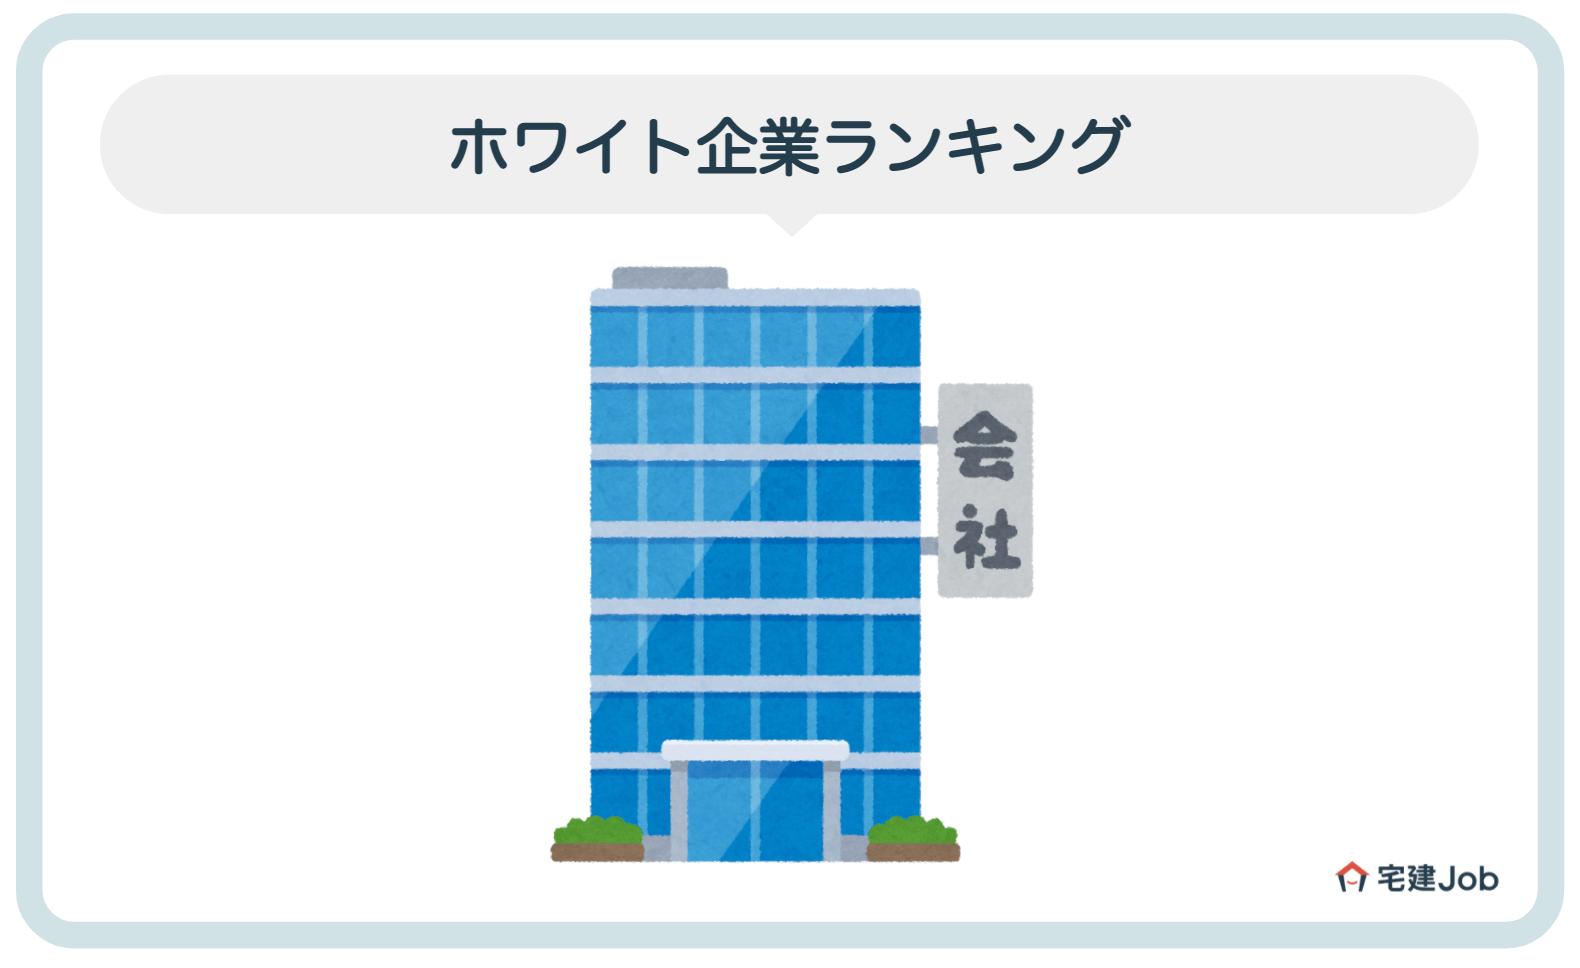 2.大阪府(関西)の不動産ホワイト企業